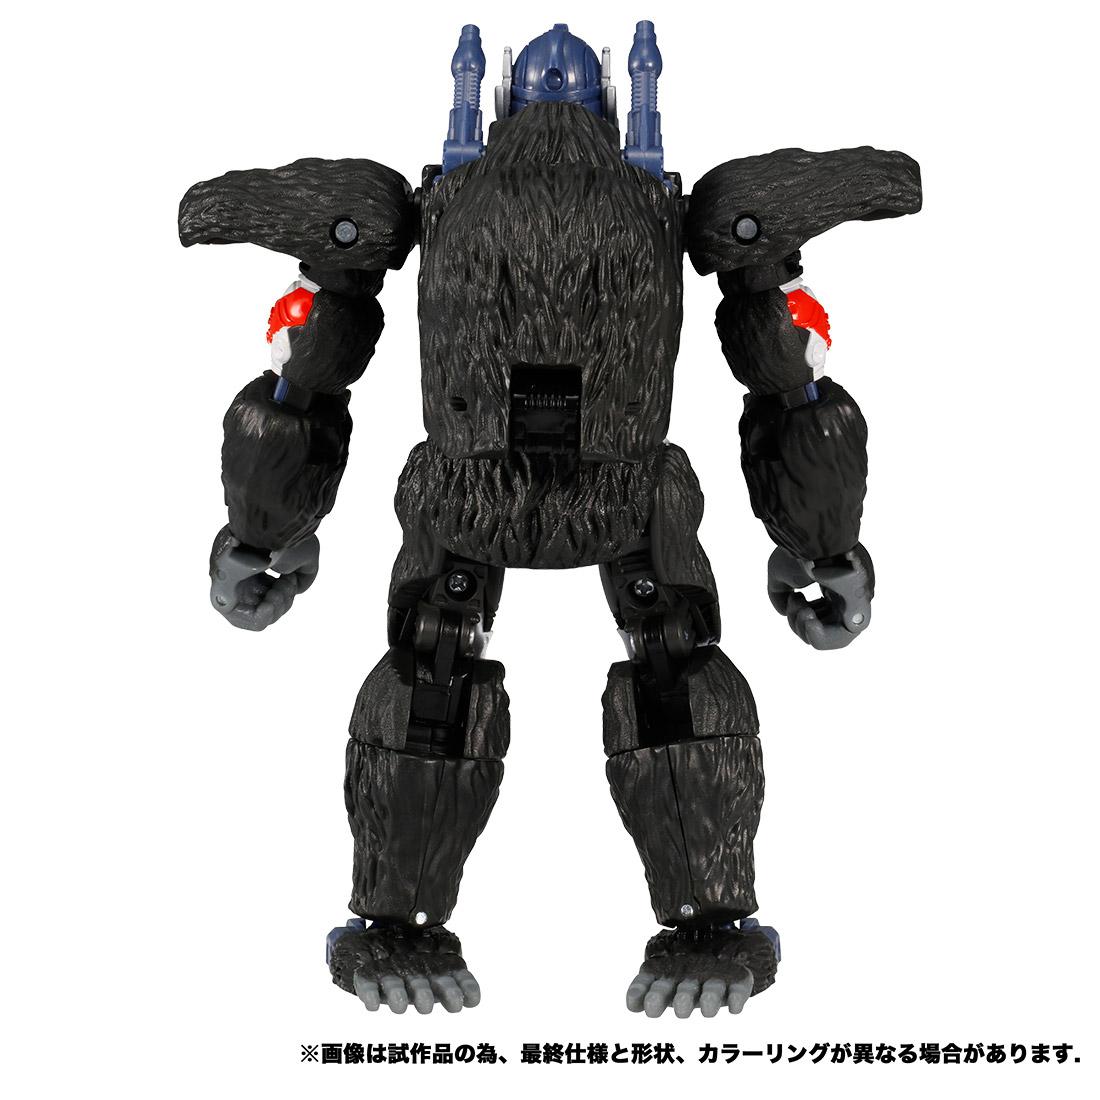 トランスフォーマー キングダム『KD-01 オプティマスプライマル』ビーストウォーズ 可変可動フィギュア-007